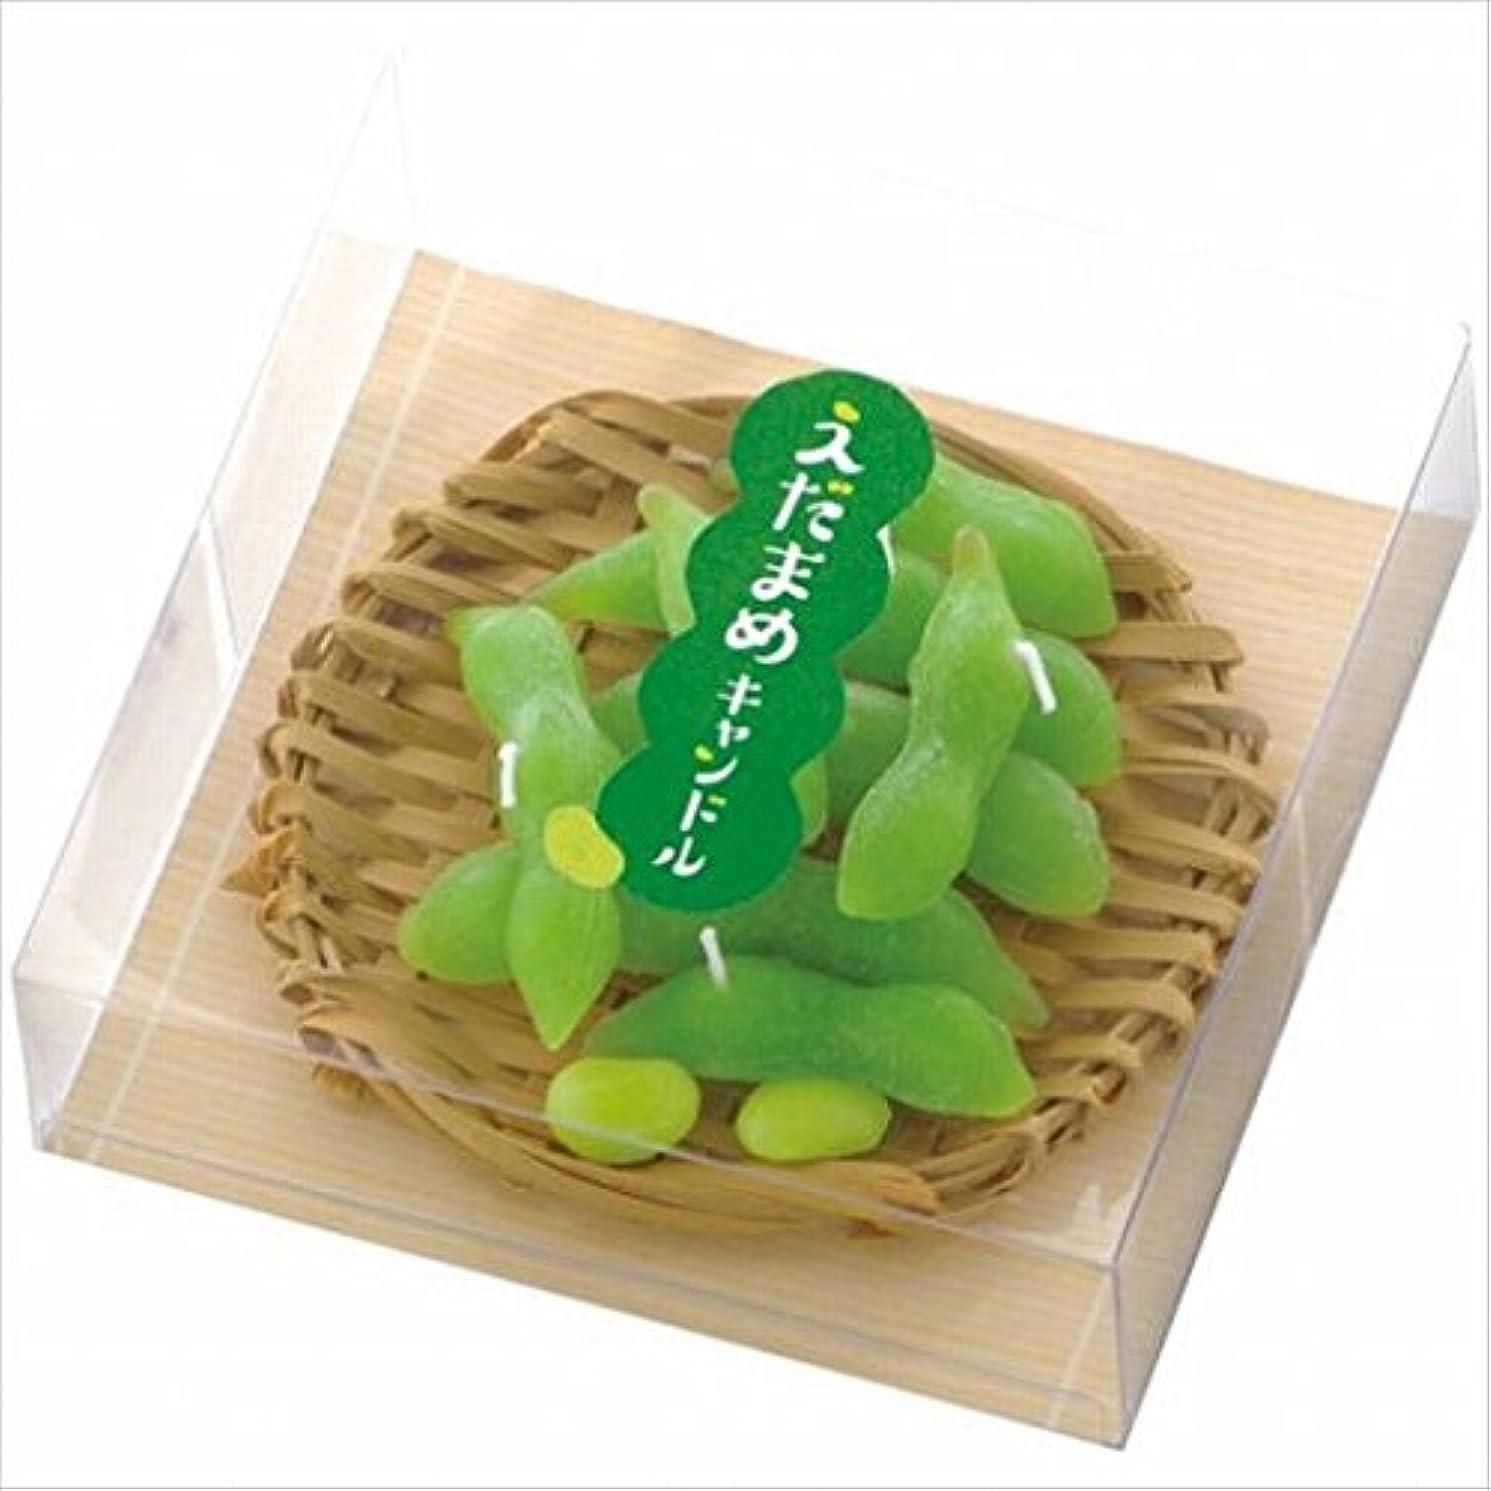 サスペンションさようならハンカチkameyama candle(カメヤマキャンドル) えだまめキャンドル(86990000)